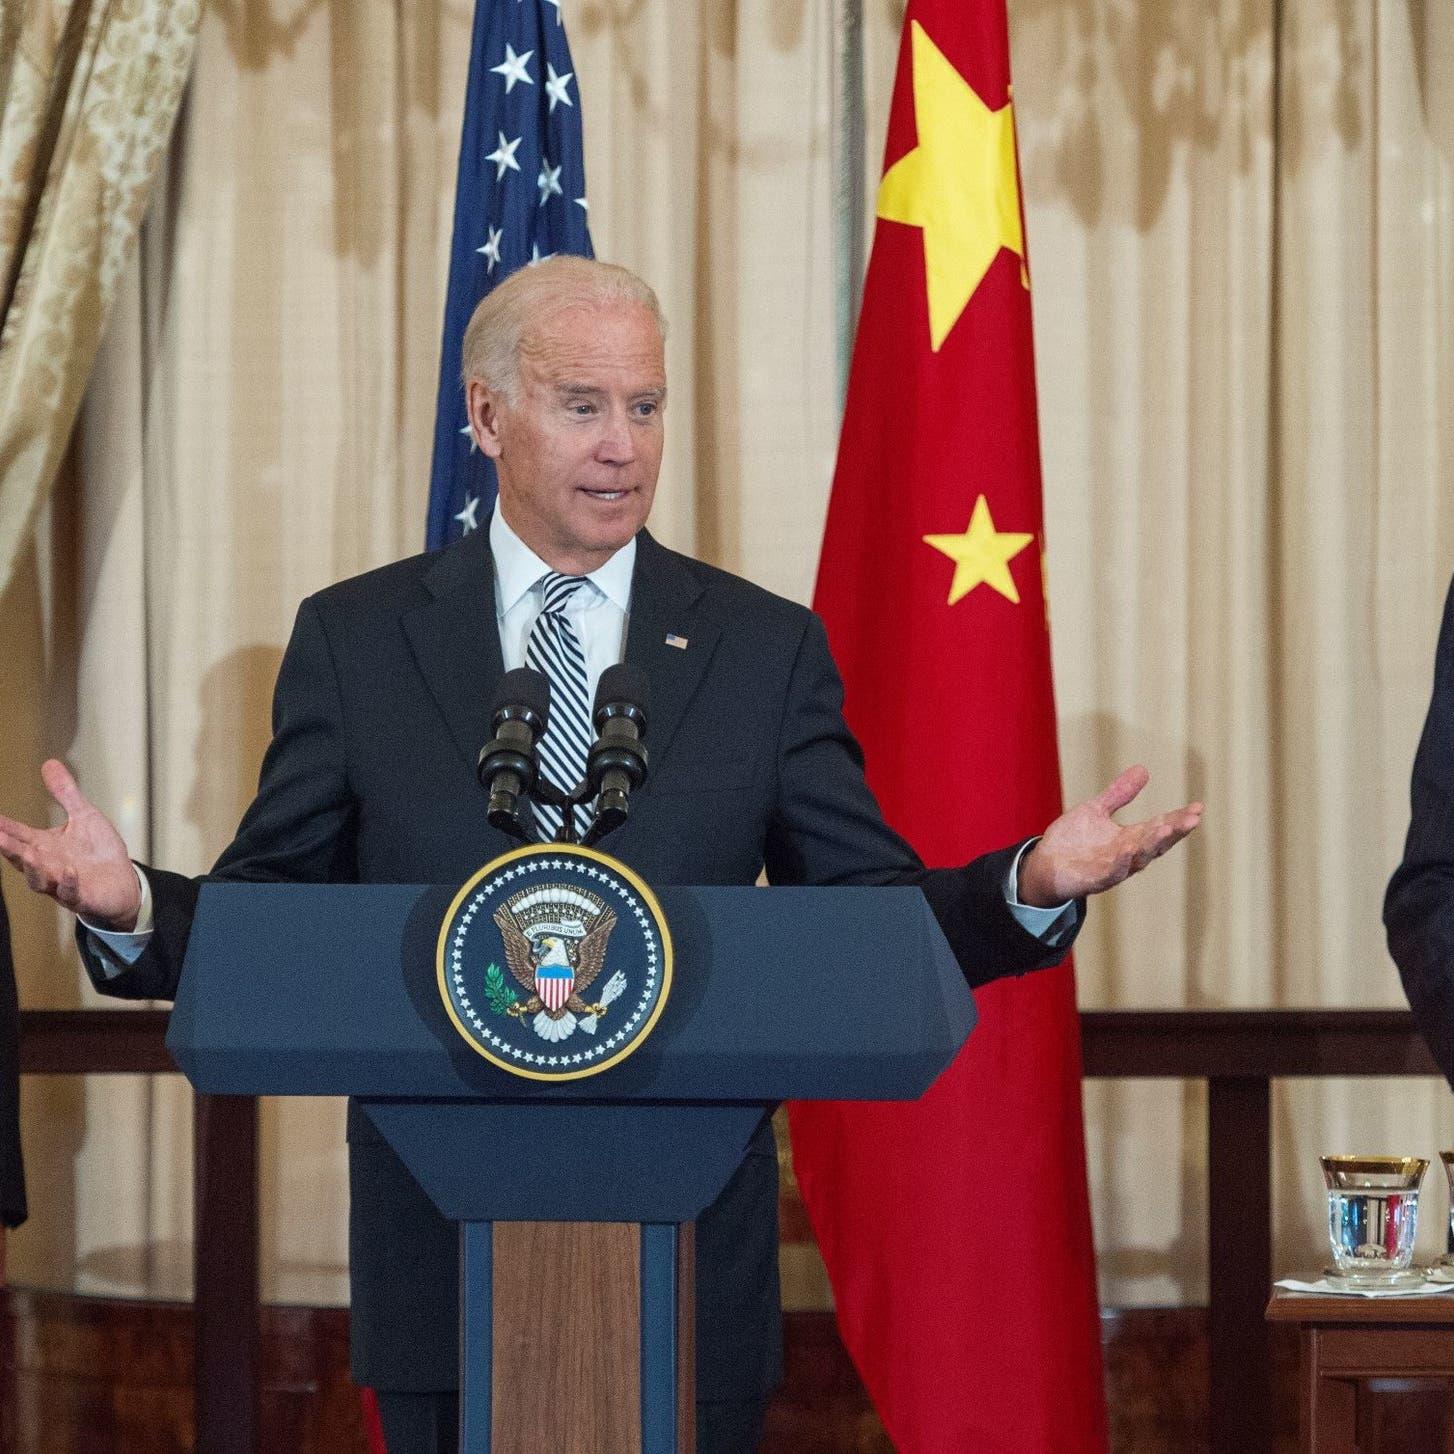 رئيس الصين يهنئ بايدن على فوزه بالانتخابات الرئاسية الأميركية